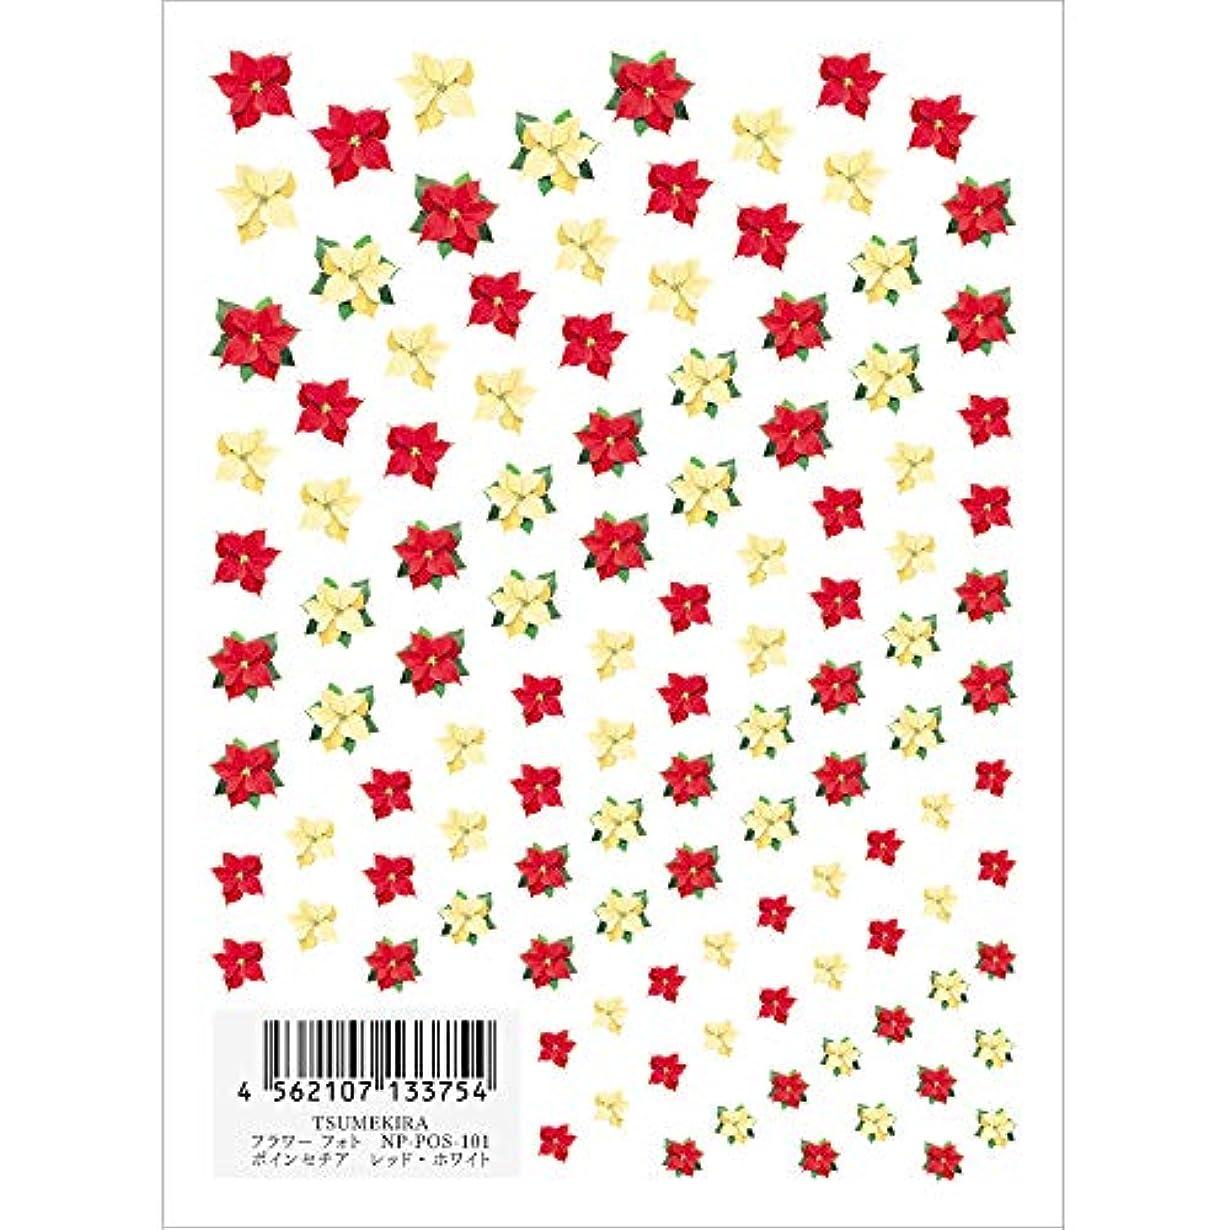 葉を集める国旗プレートツメキラ ネイル用シール フラワースタイル ポインセチア RE/WH